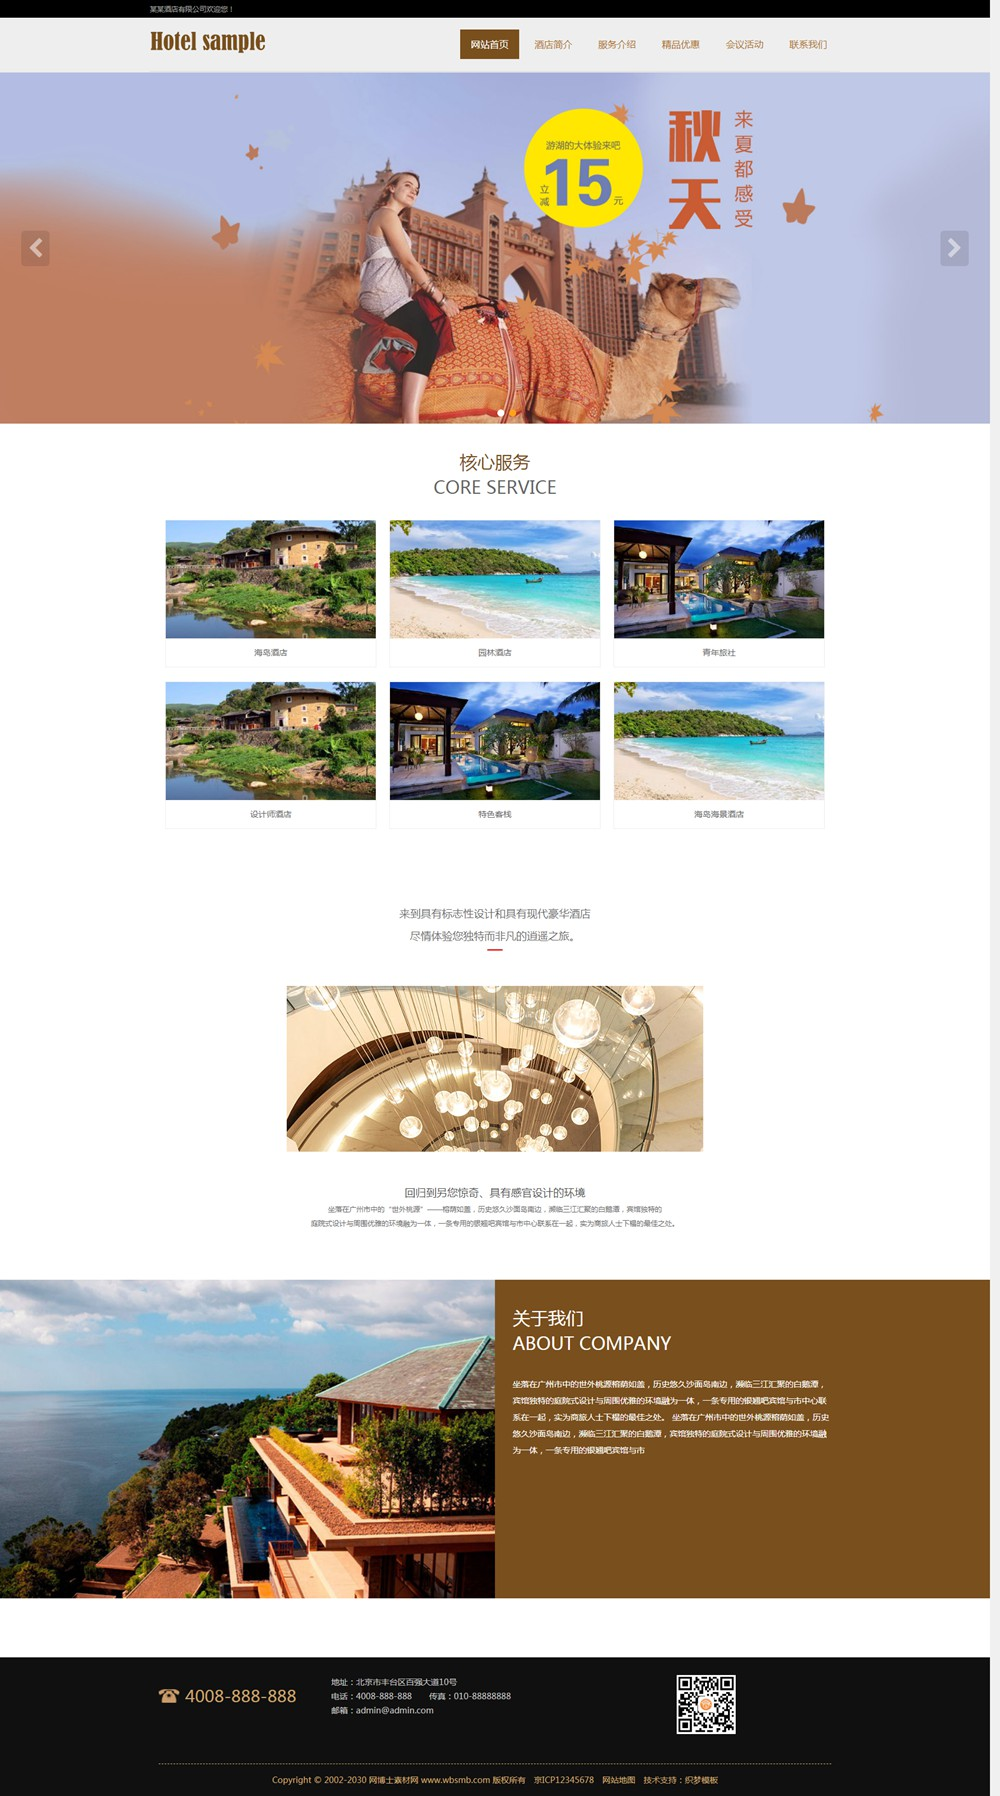 (自适应手机版)响应式酒店客房服务类网站织梦模板 HTML酒店管理类网站源码下载